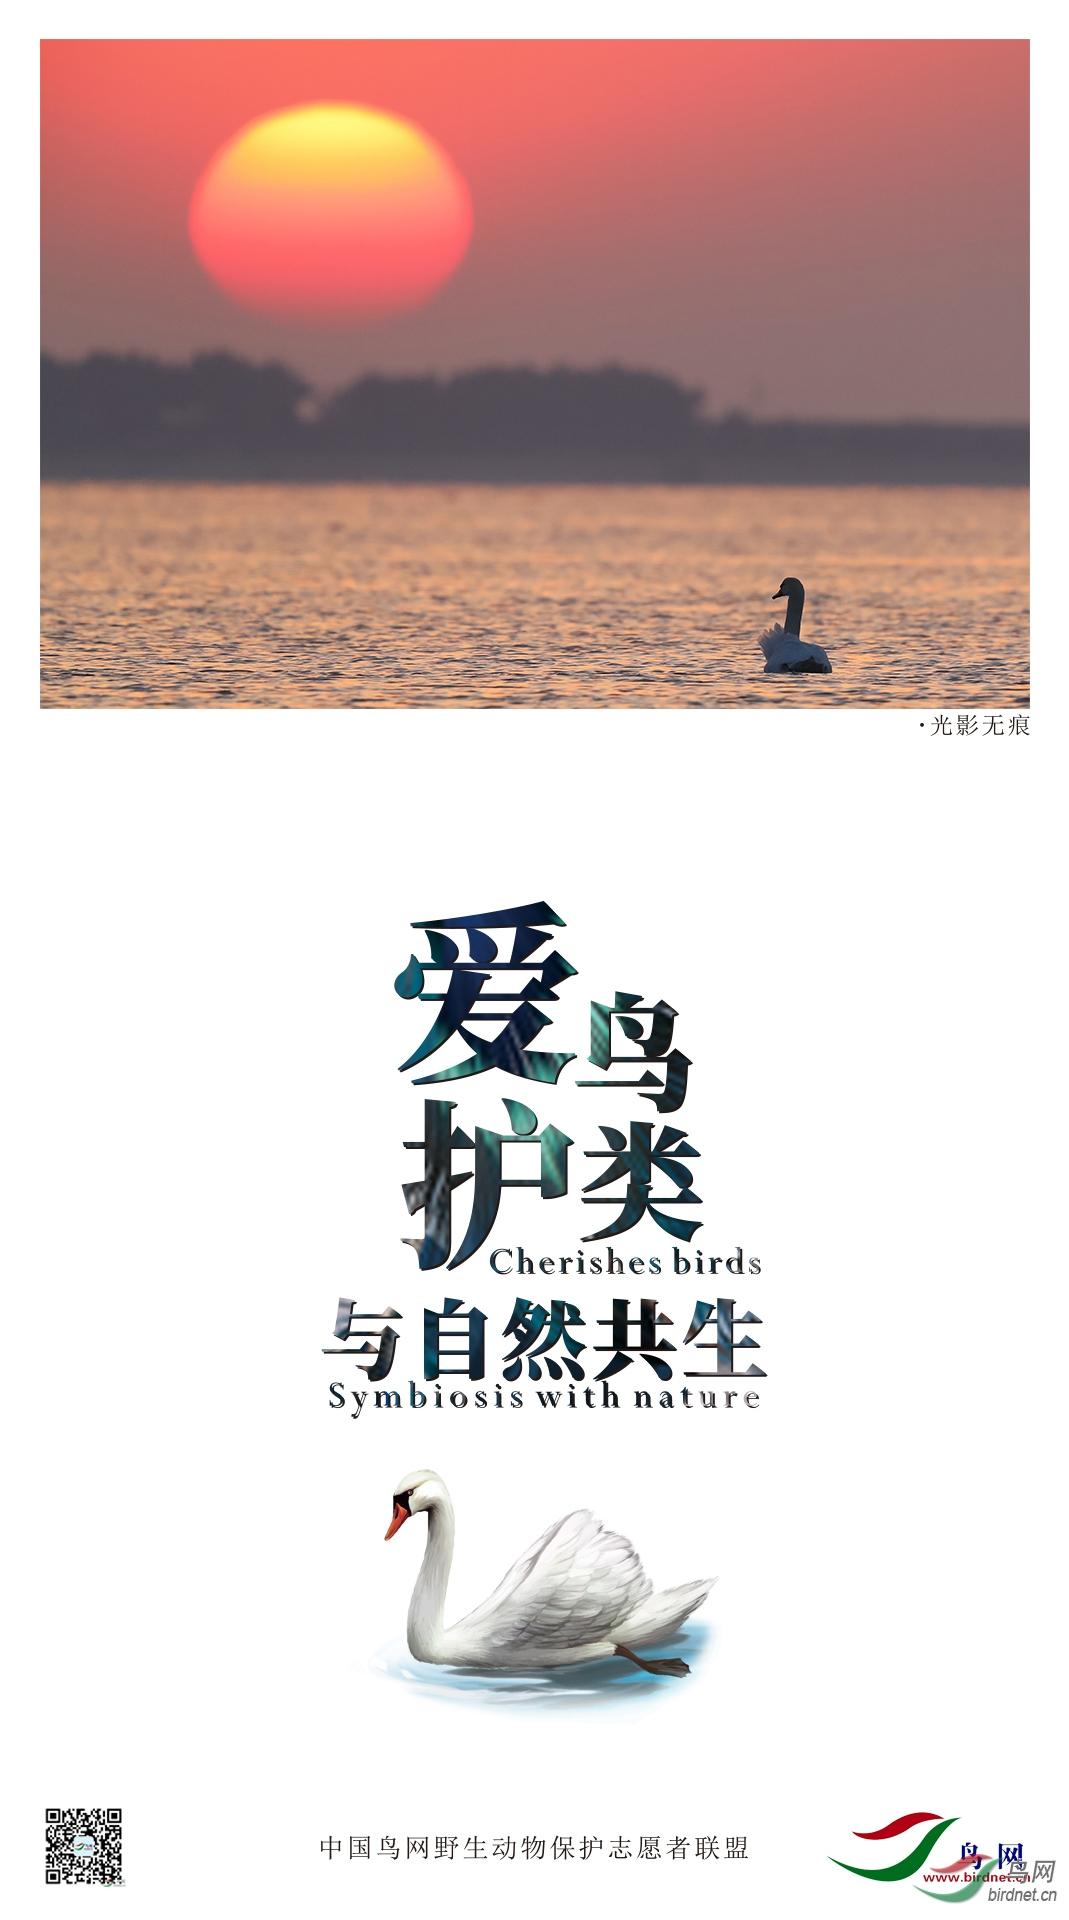 绿洲-爱护鸟类(1).jpg